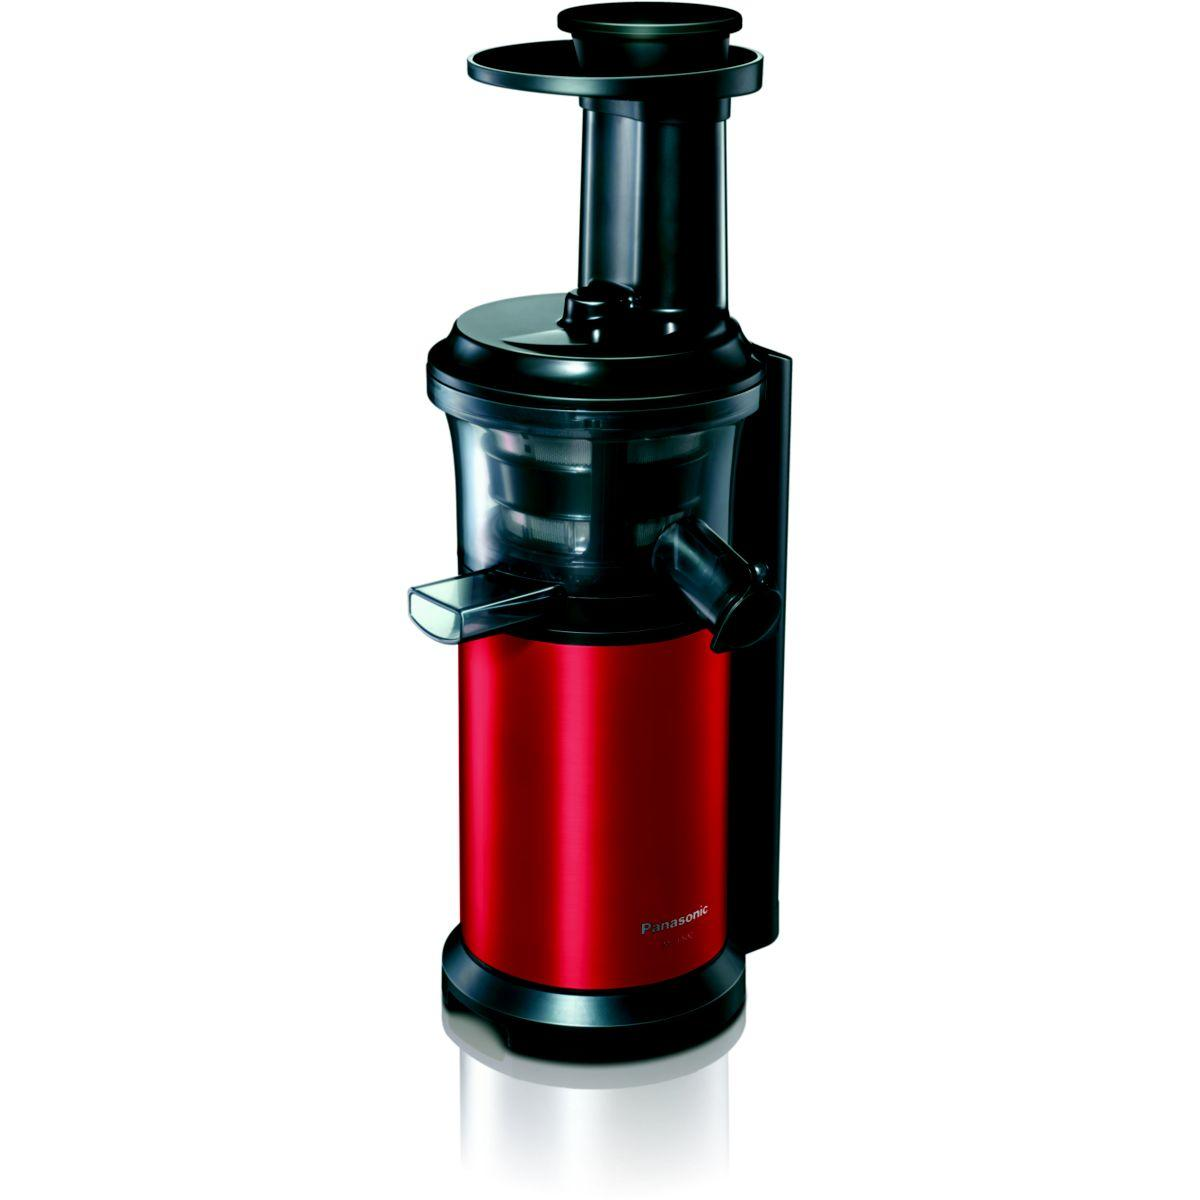 Extracteur de jus panasonic mj-l500rxe rouge - 2% de remise imm�diate avec le code : priv2 (photo)